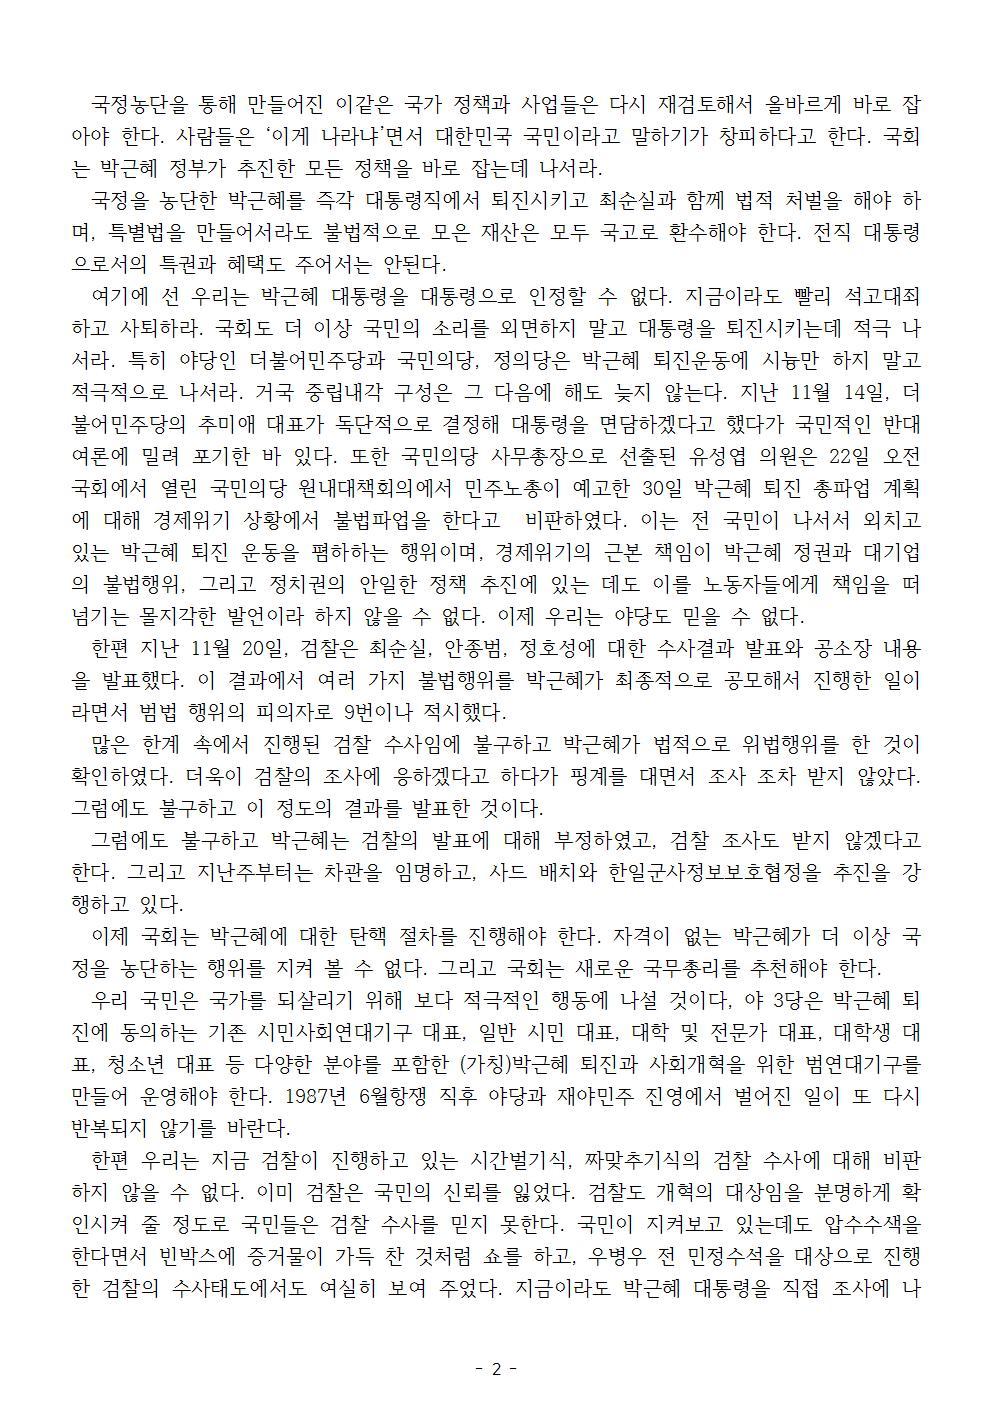 20161123-성명서_박근혜는 즉각 퇴진_최종002.jpg